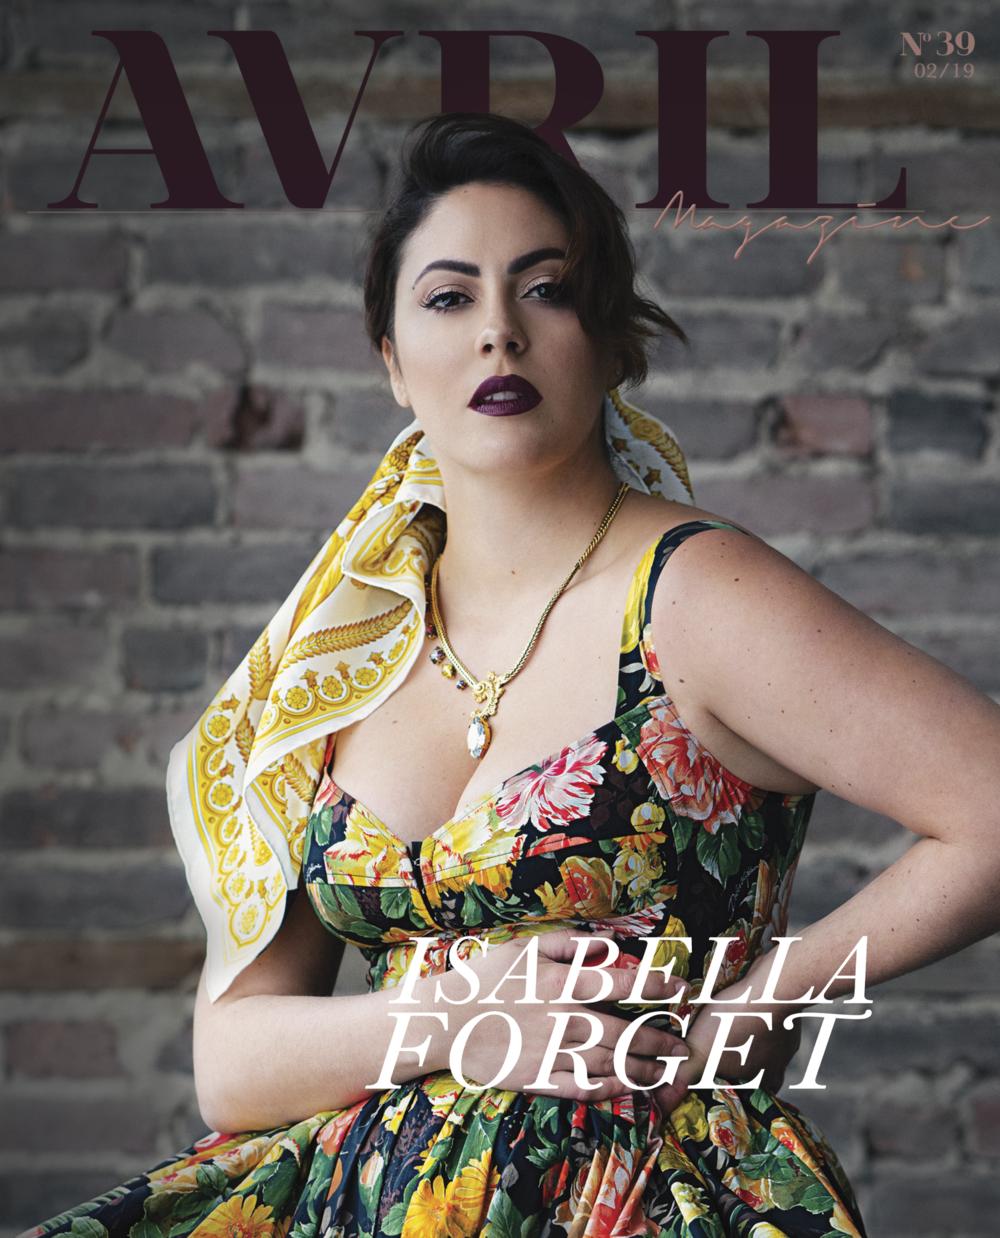 Cover-Isabella-fevrier_X_AvrilMagazine.jpg